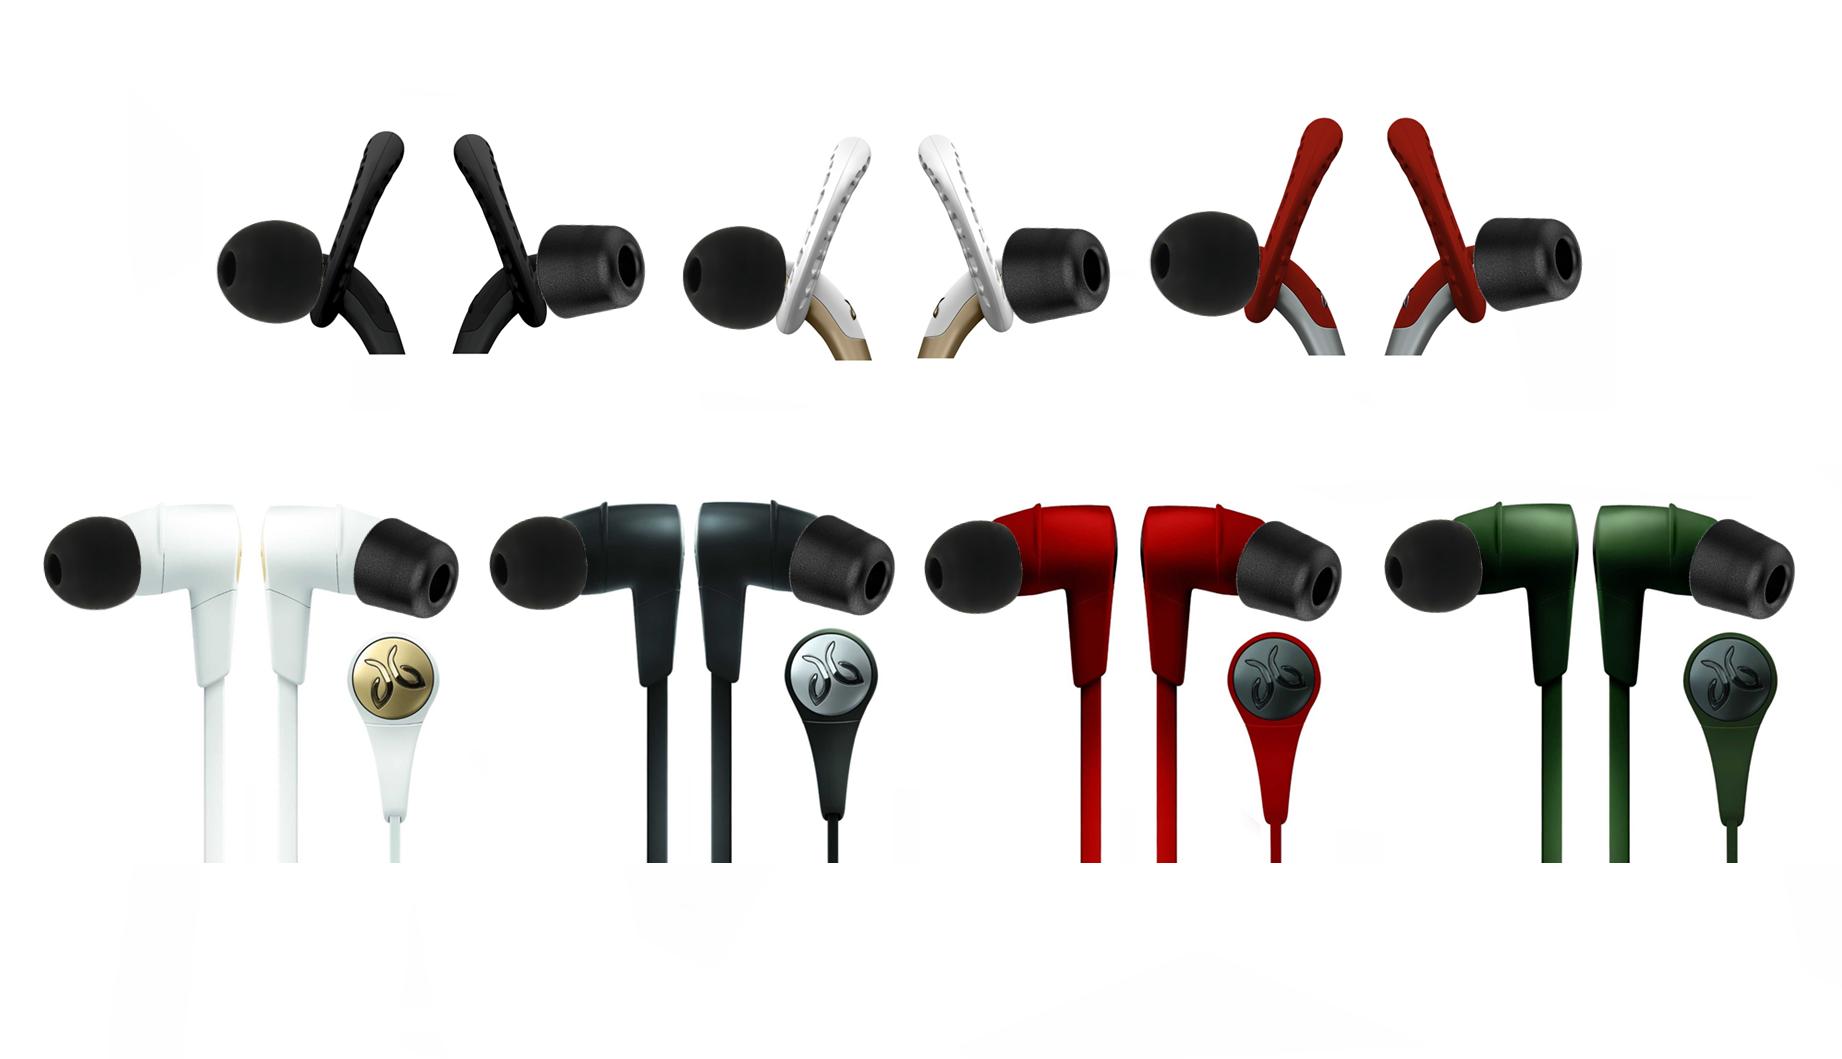 8Pcs Memory Foam Earbuds Ear tip Set In Ear Earphone Headset Replacement